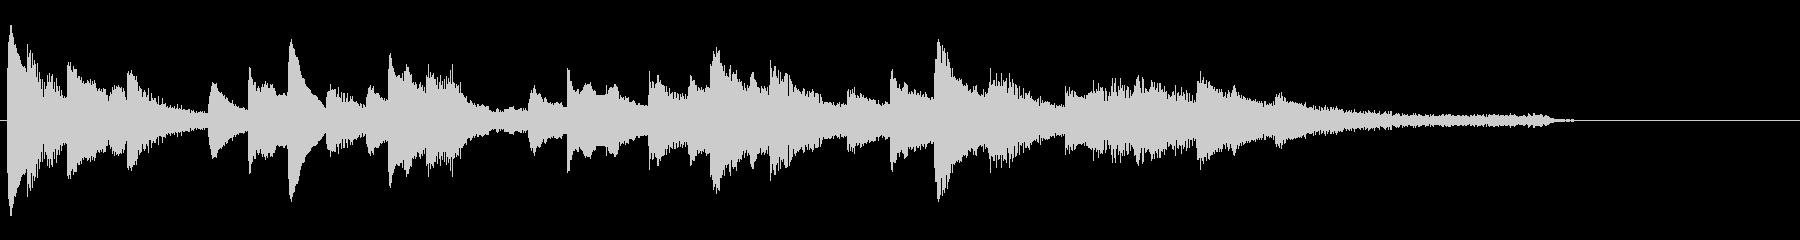 フレッシュな雰囲気のピアノソロジングル3の未再生の波形